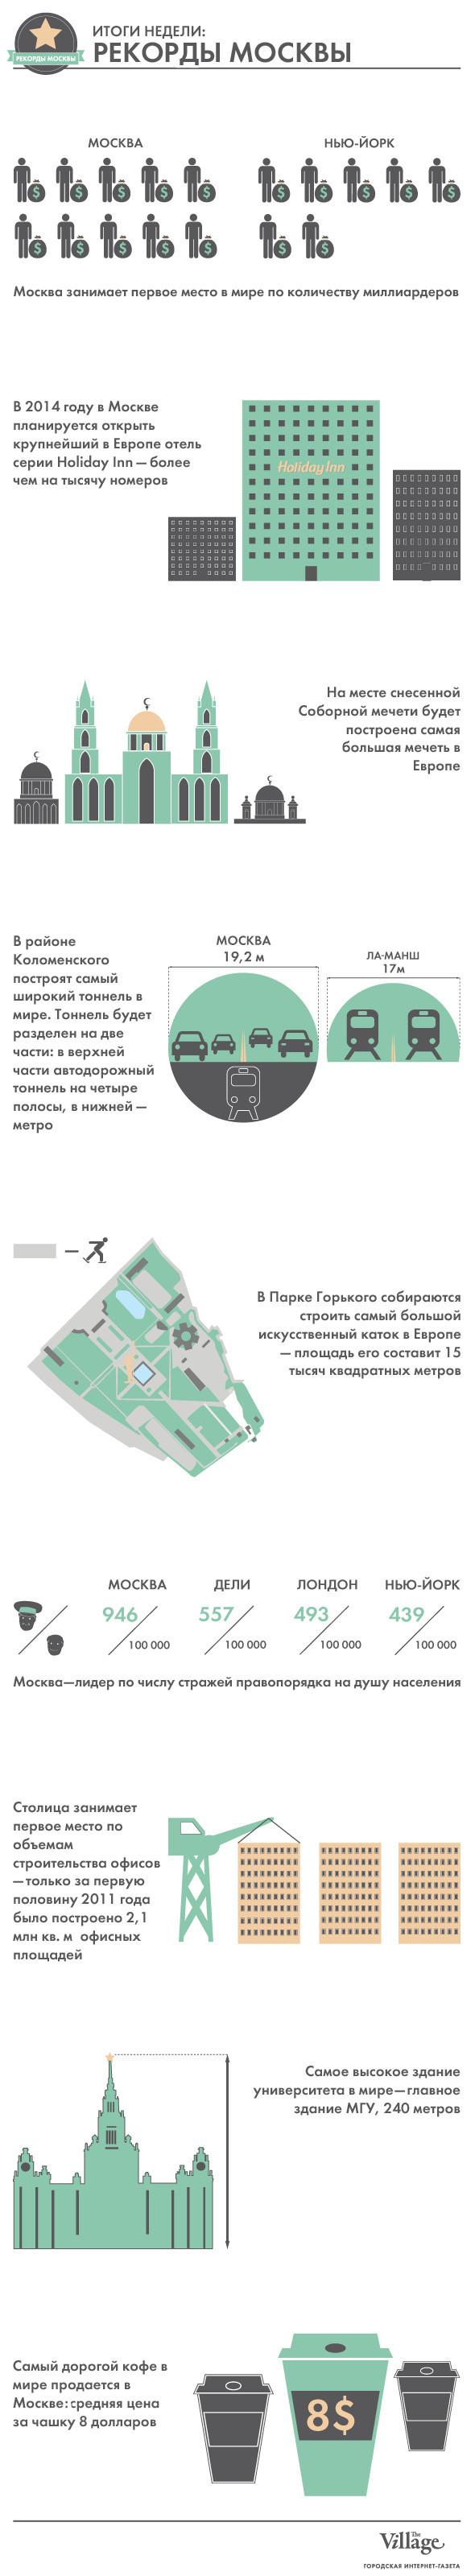 Итоги недели: Рекорды Москвы. Изображение № 1.